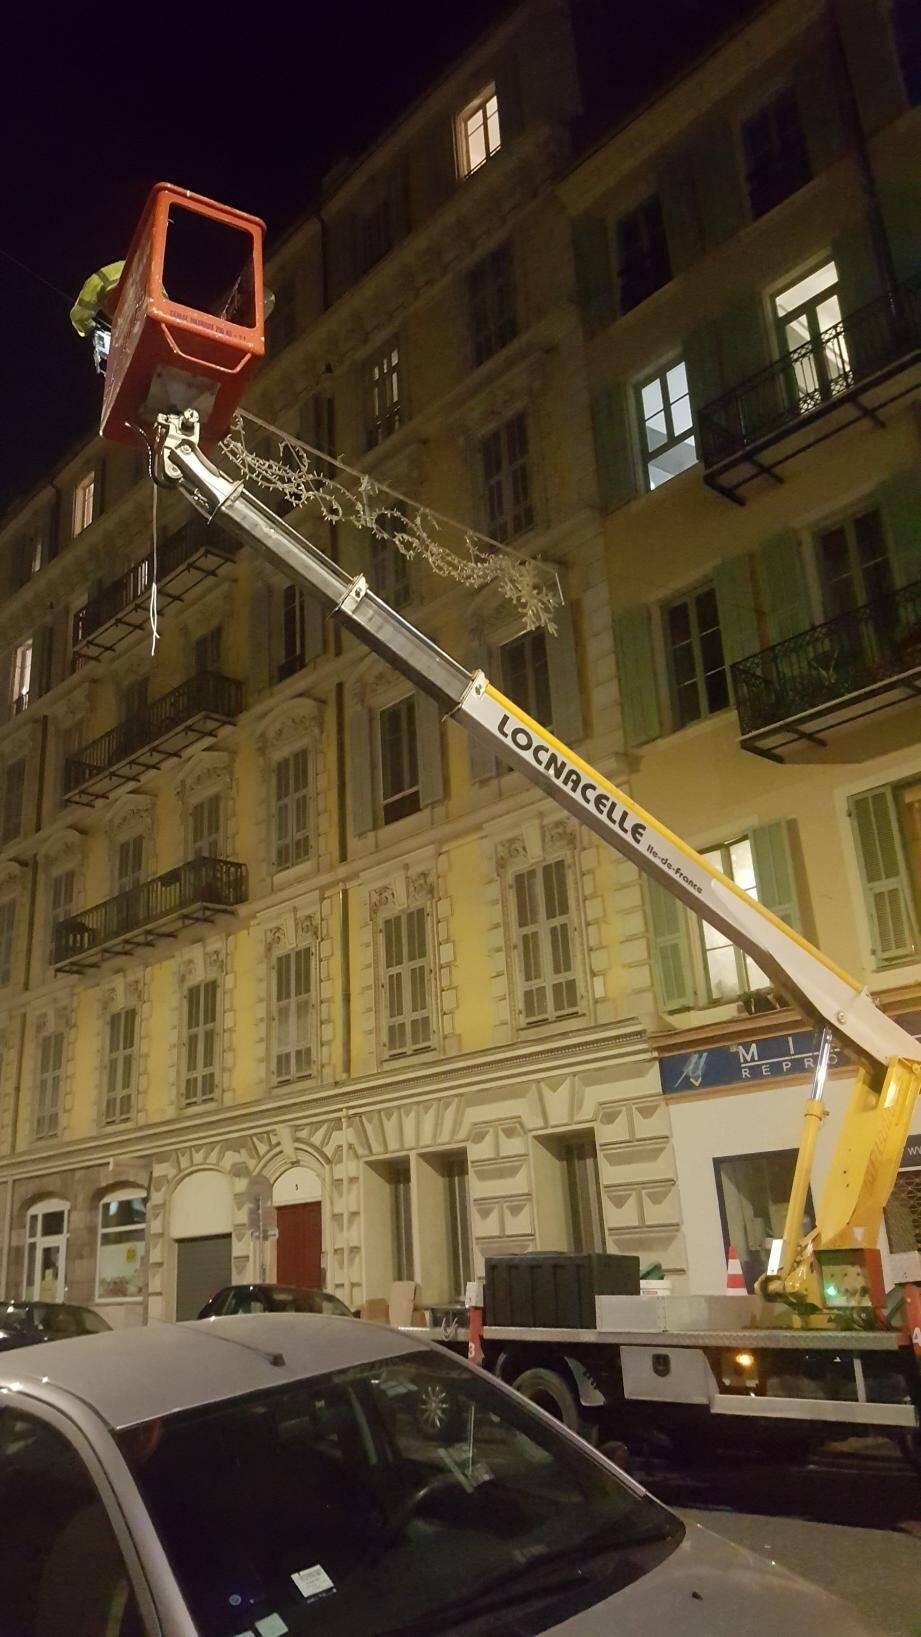 Mercredi soir, rue Foncet, l'accrochage des décorations de Noël était en cours.